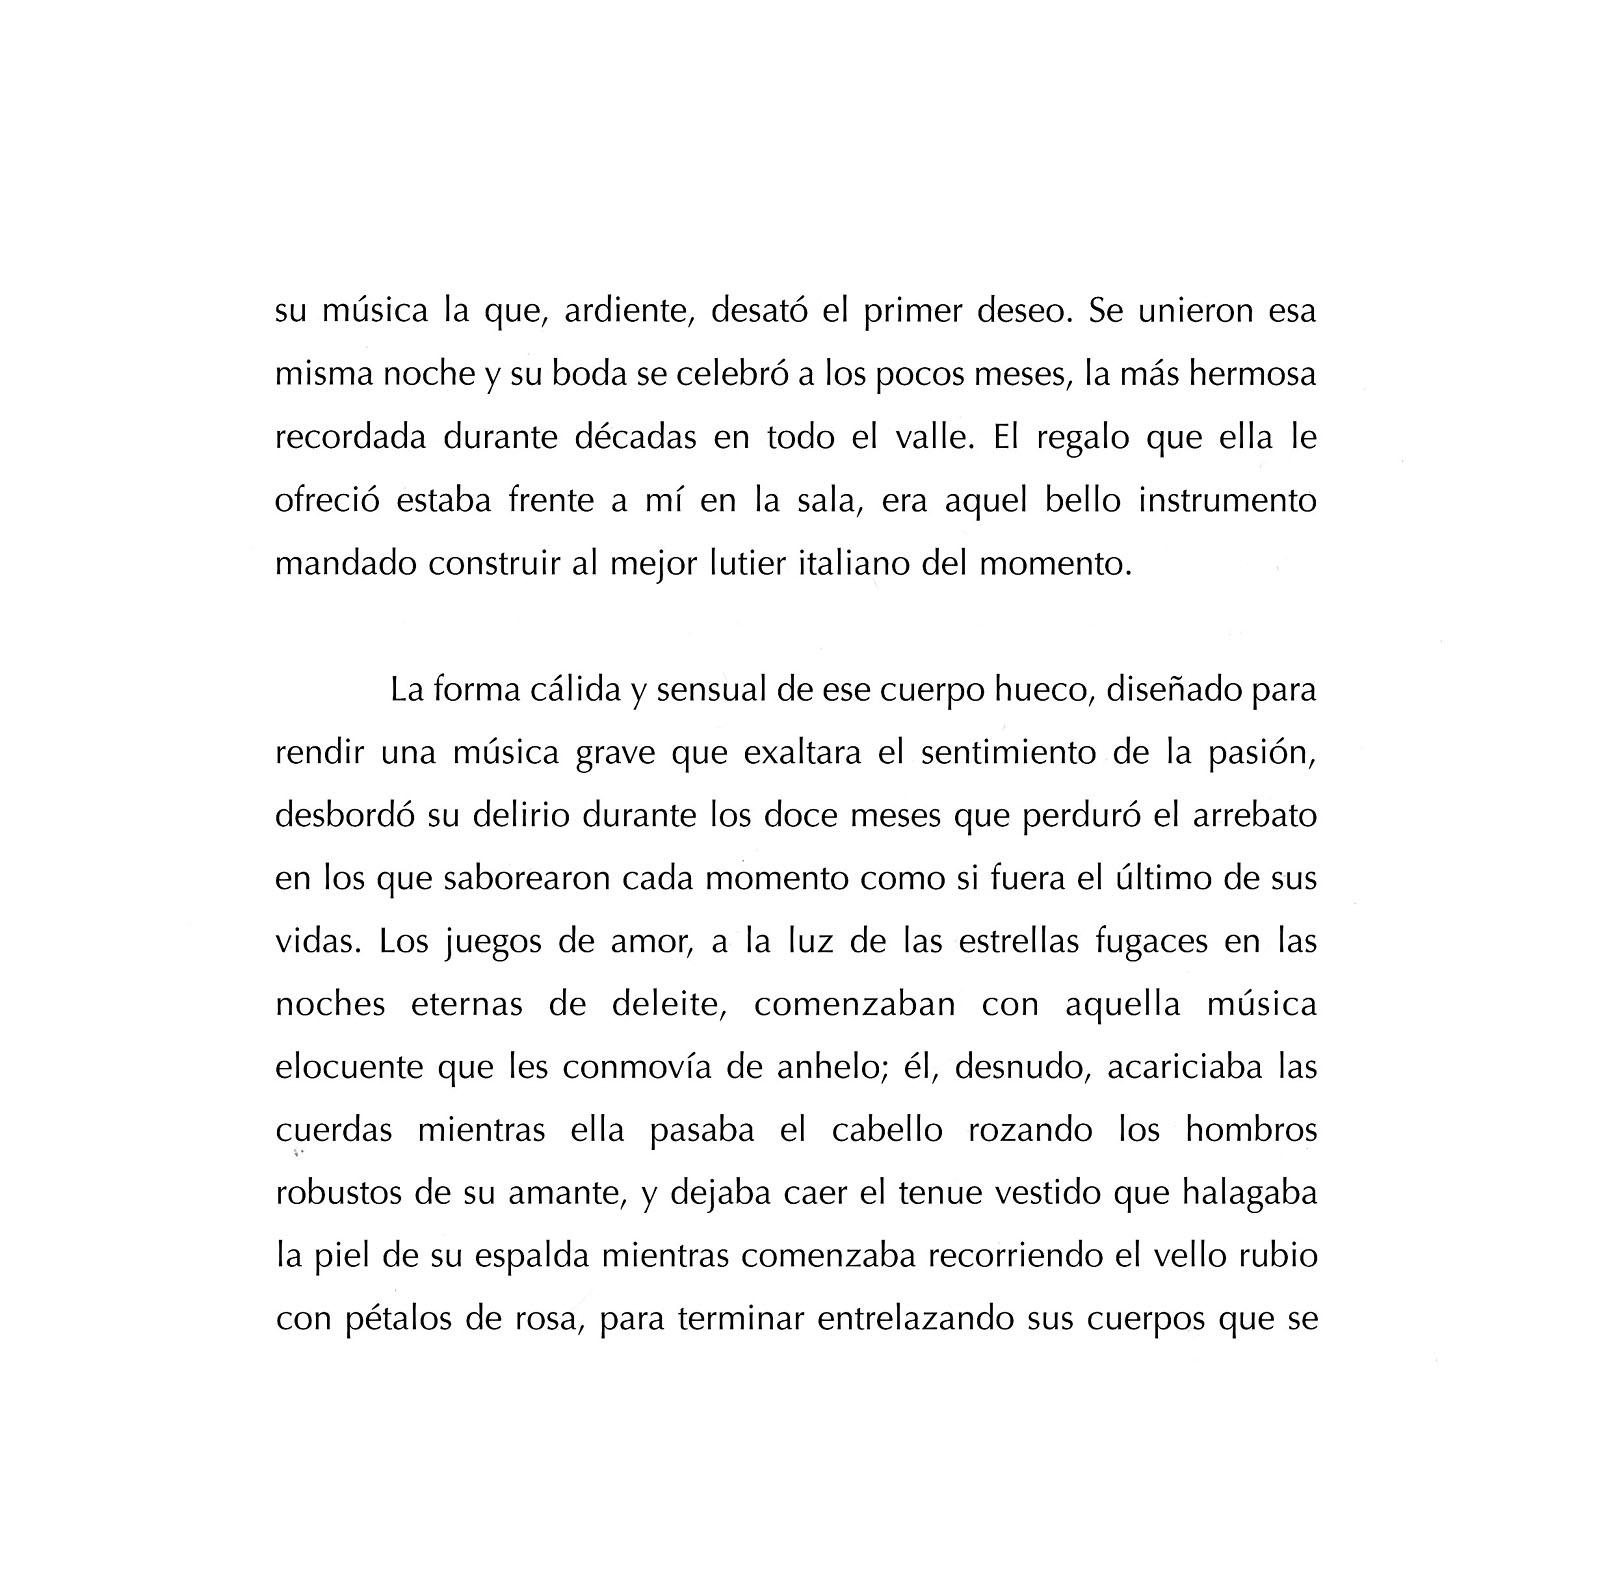 danielvillalobos-calderonsamaniego-shortnovel-spanishliterature-19